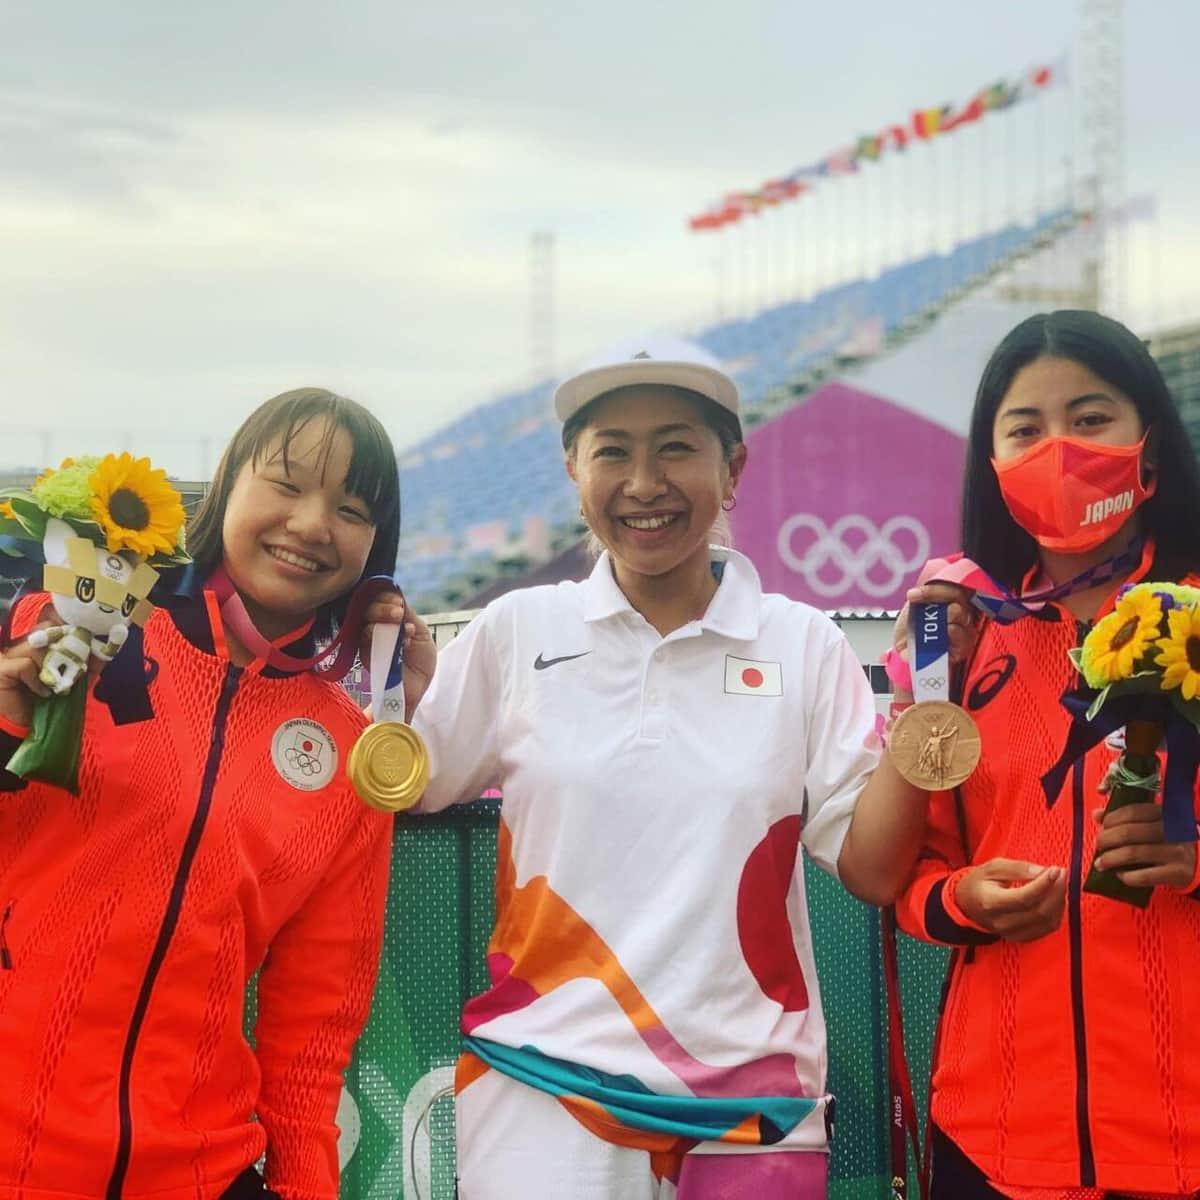 東京五輪「スケボー女子」大旋風の裏で 宮本美保コーチが明かす選手の素顔